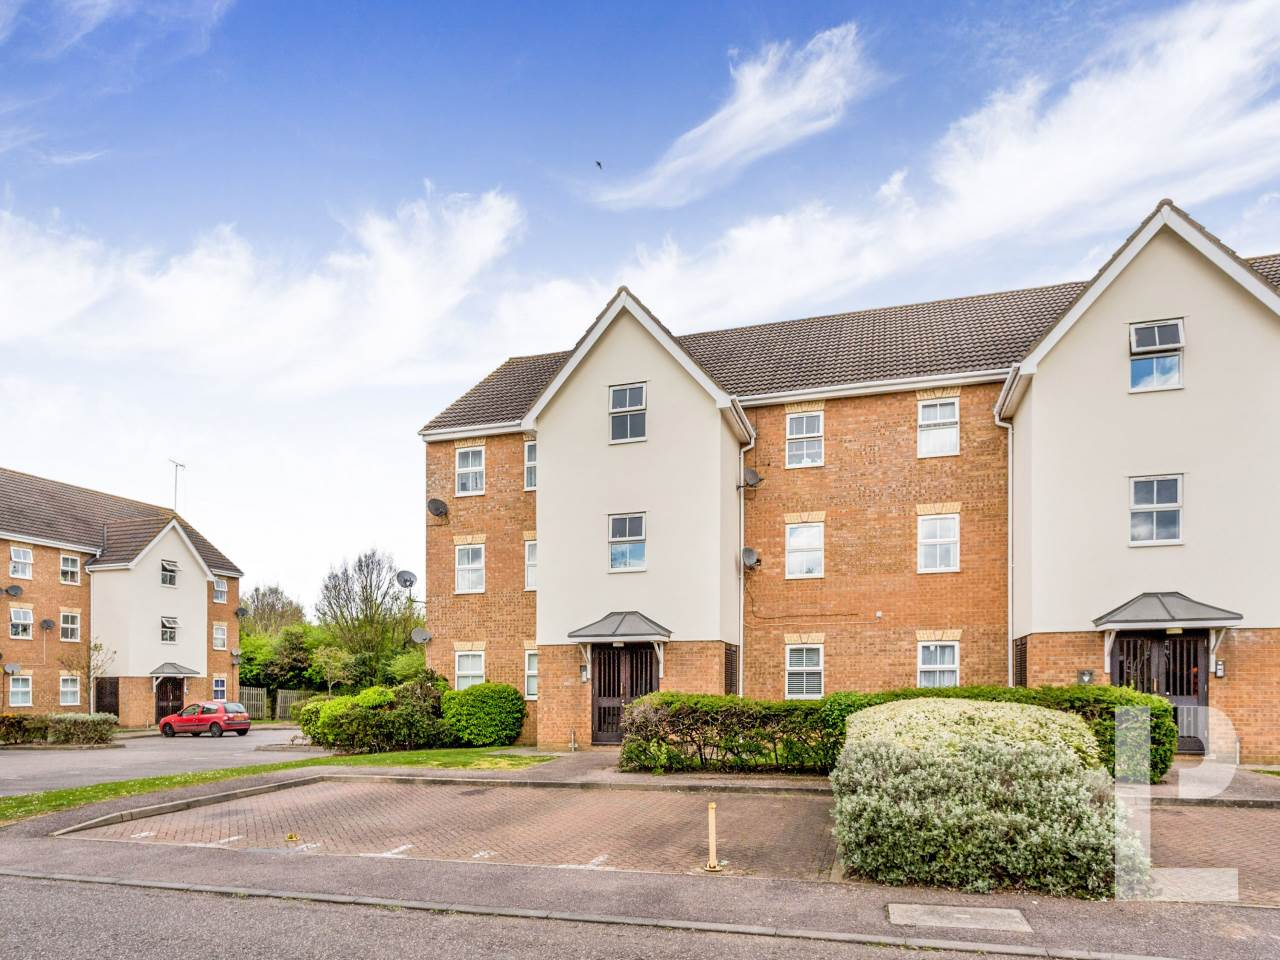 1 bed flat to rent in Osprey Road, Waltham Abbey, EN9